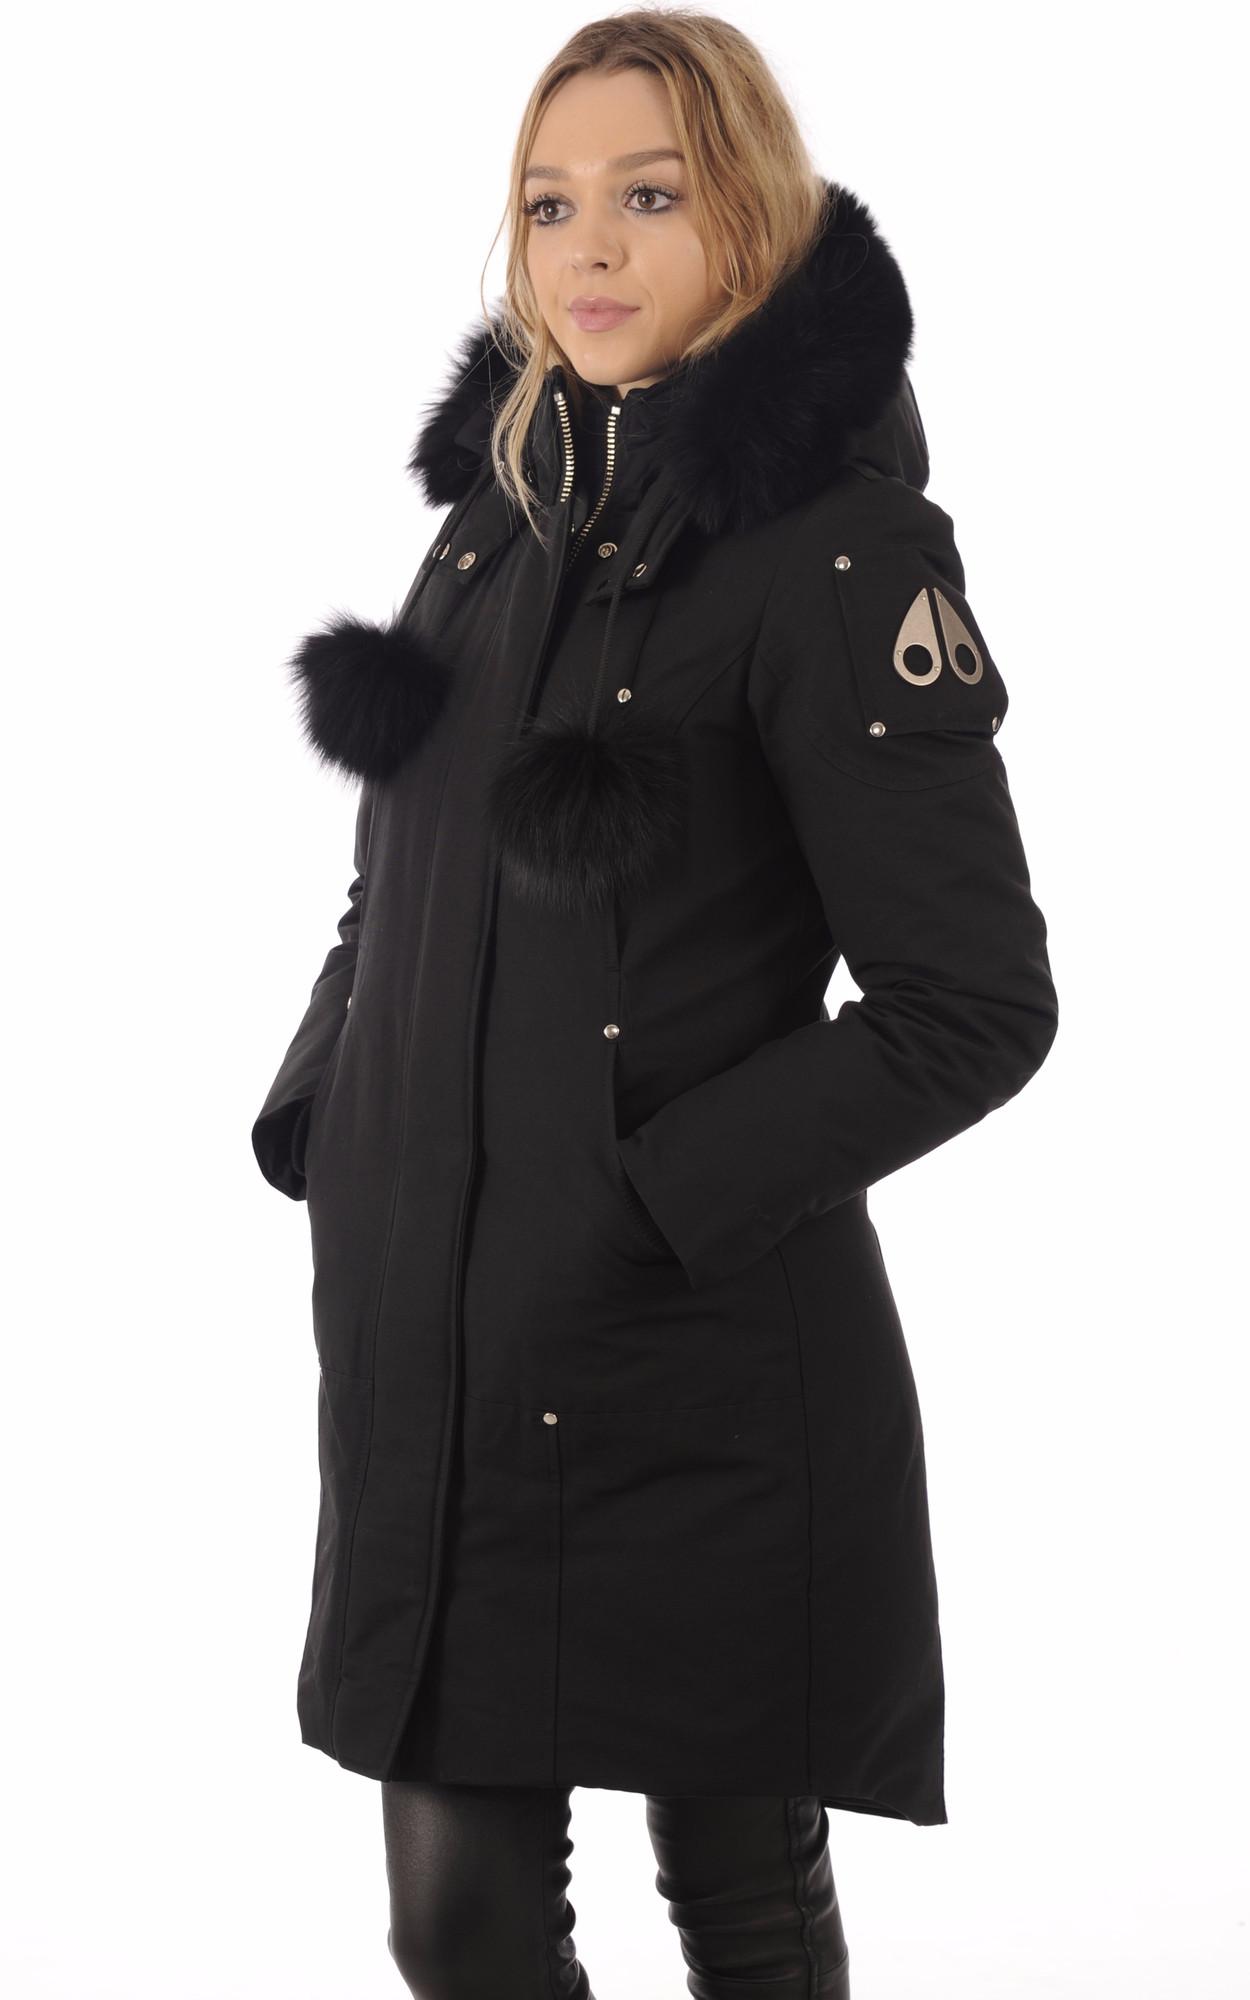 Parka Stirling Femme Black/Black1